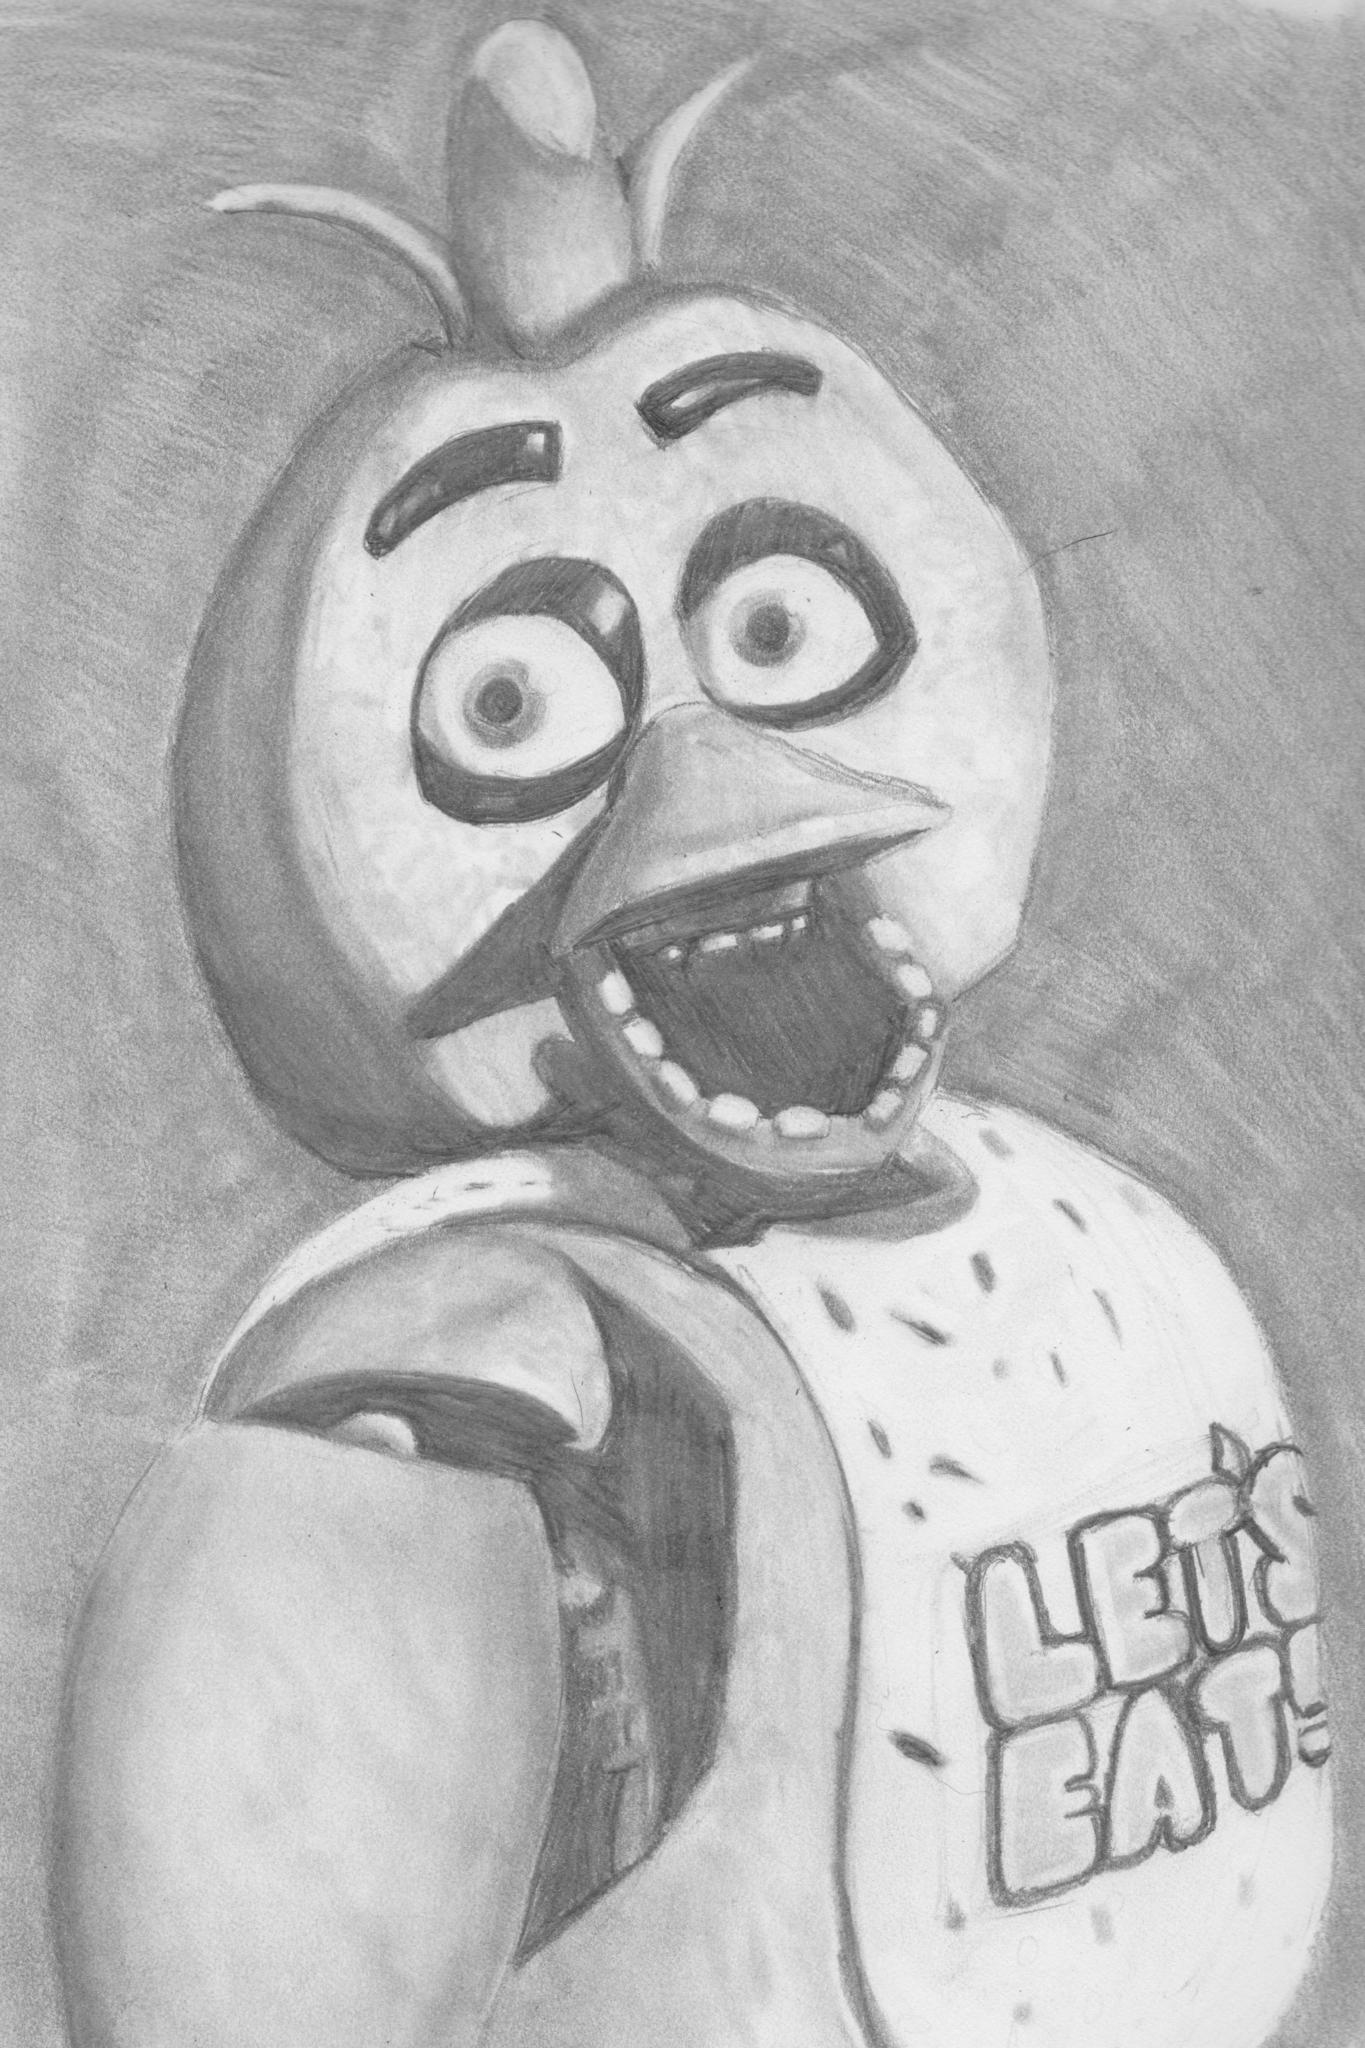 Шоколадница, легкие рисунки карандашом прикольные аниматроники